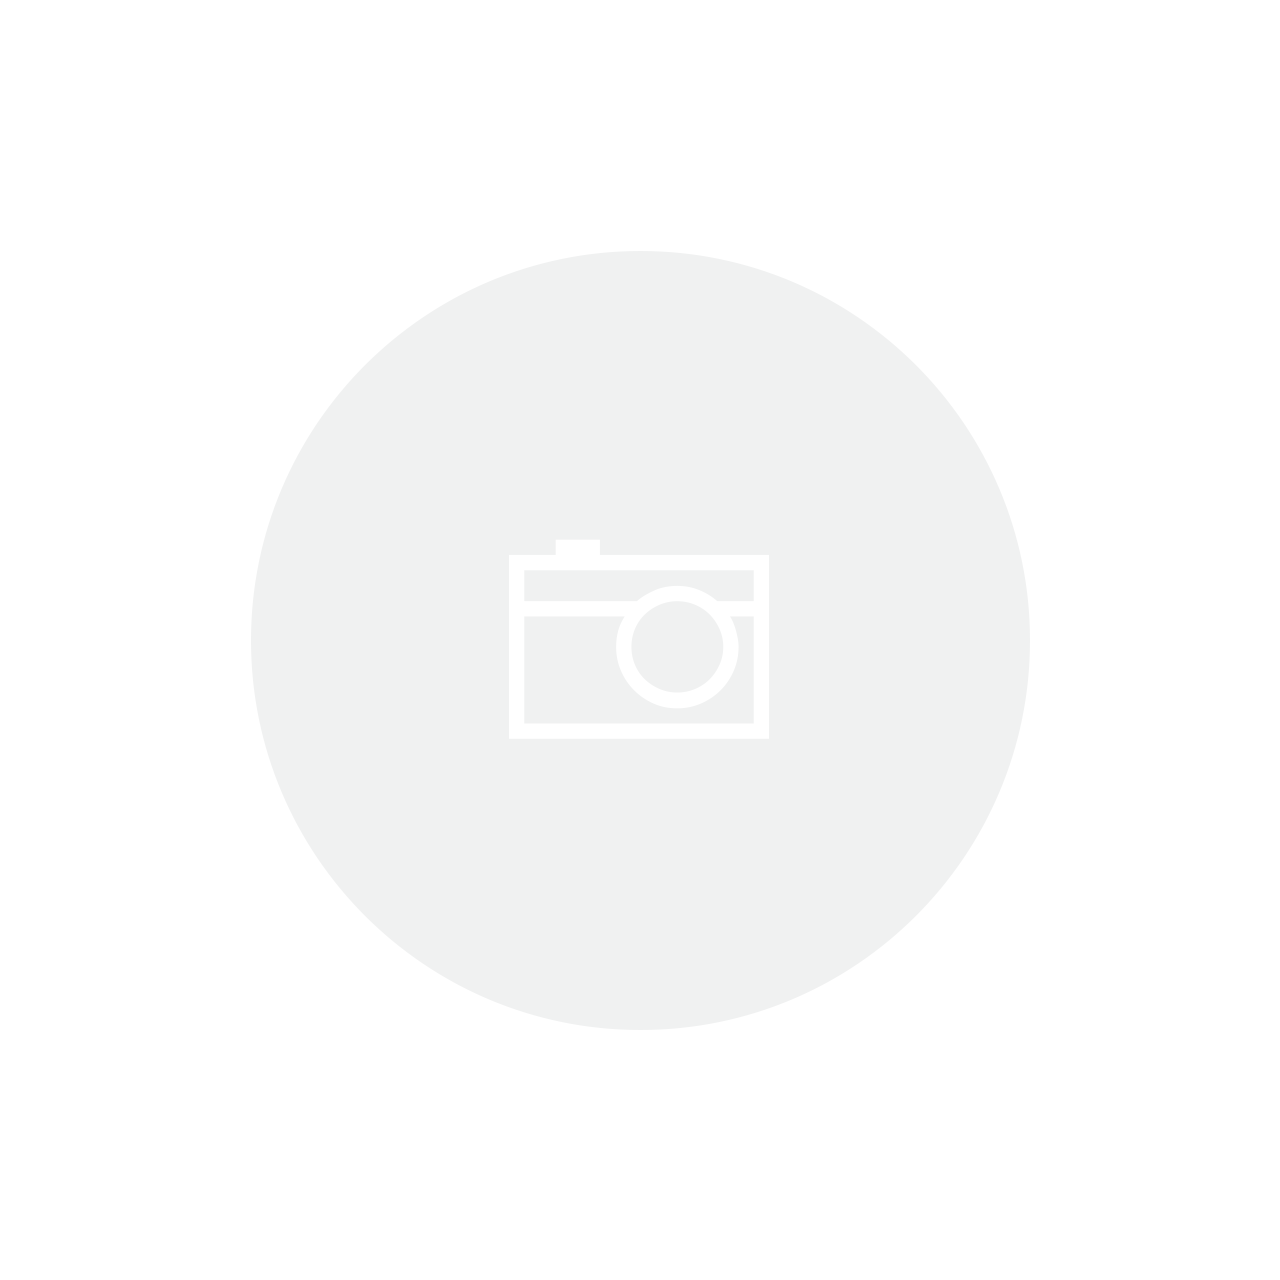 BICICLETA SPEED SOUL 3R3 CARBON 22V SHIMANO ULTEGRA (CUSTOM)